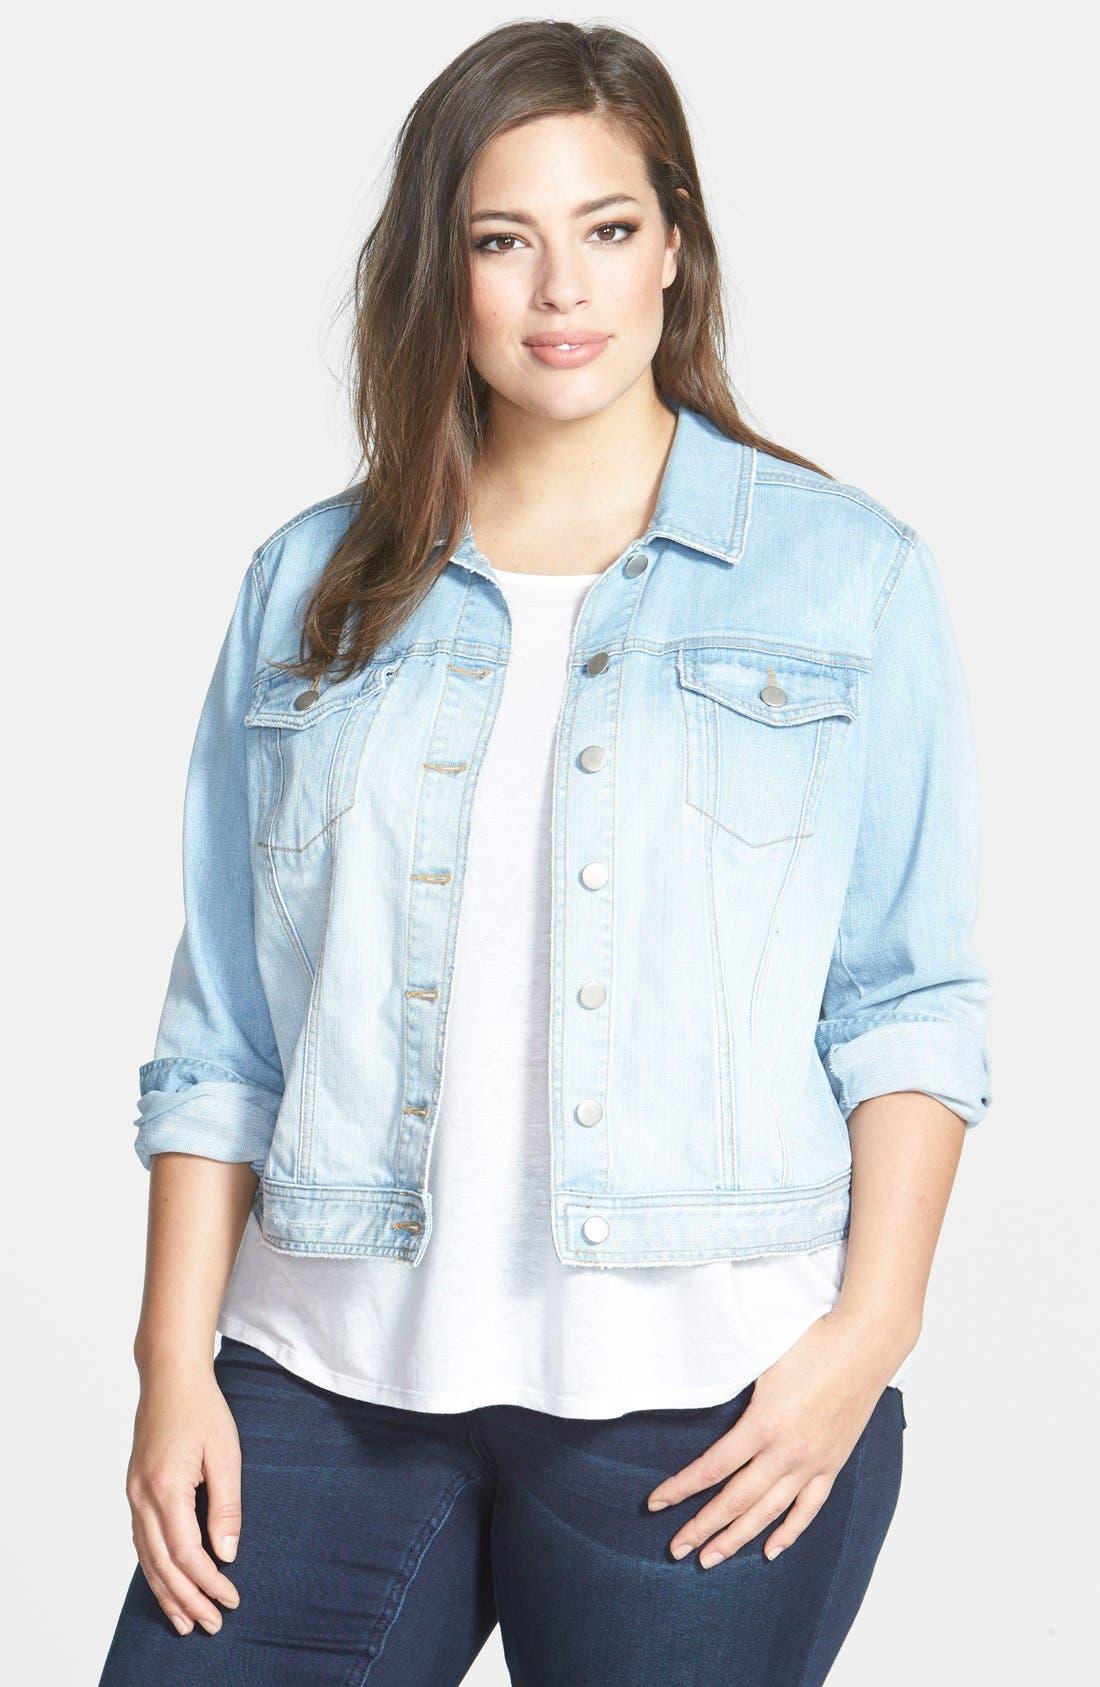 Alternate Image 1 Selected - Sejour 'Bluejay' Crop Denim Jacket (Plus Size)